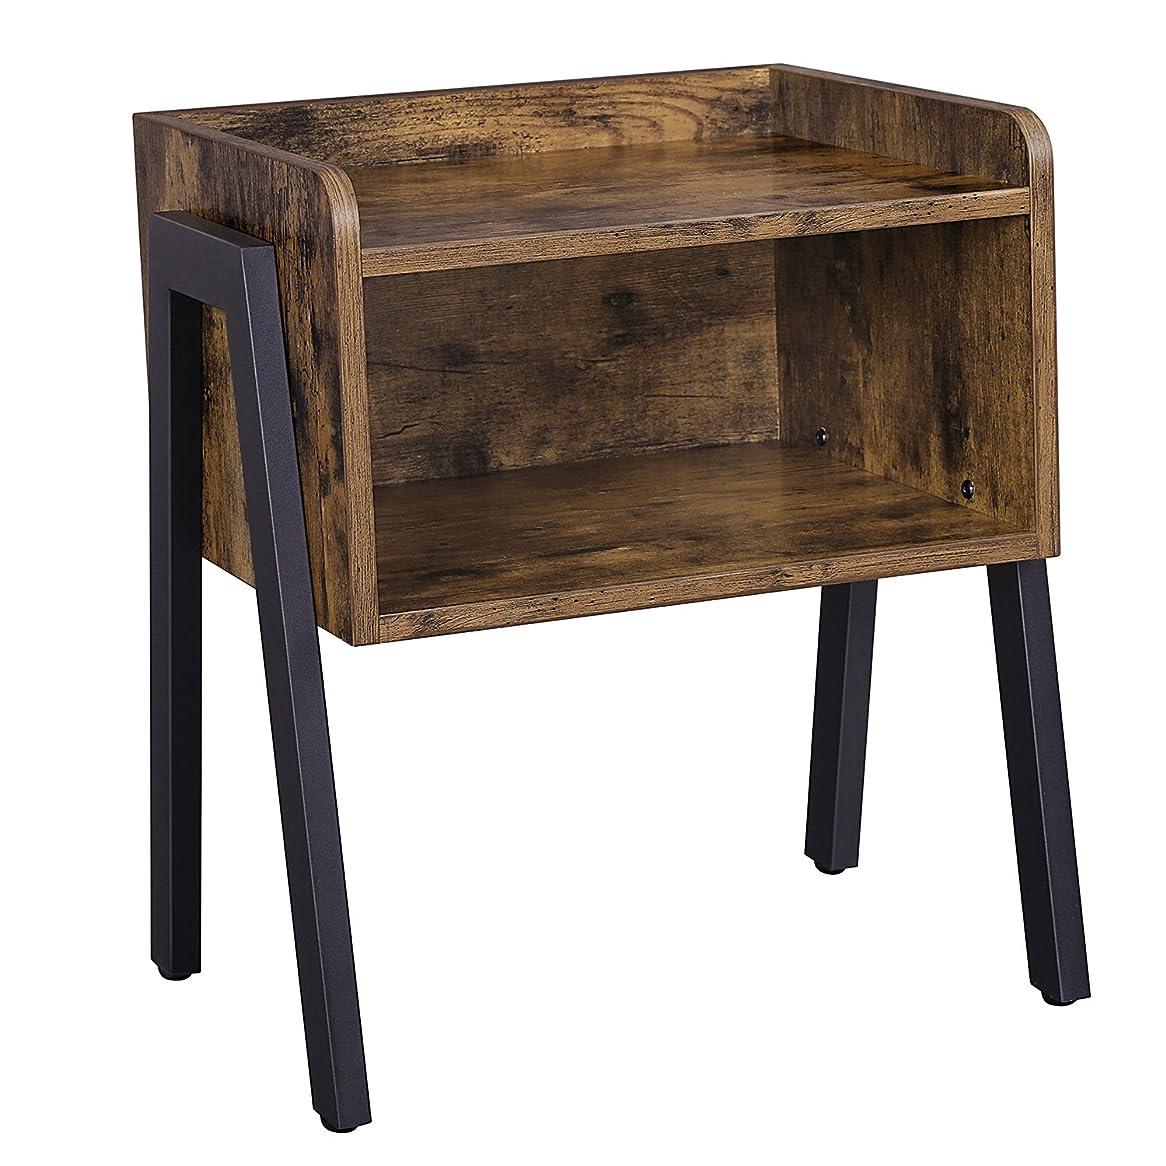 雲掻く長椅子VASAGLE サイドテーブル ナイトテーブル おしゃれ 幅46x奥行25.5x高さ52cm 耐荷重20kg 質感良いヴィンテージ風 NLET54X